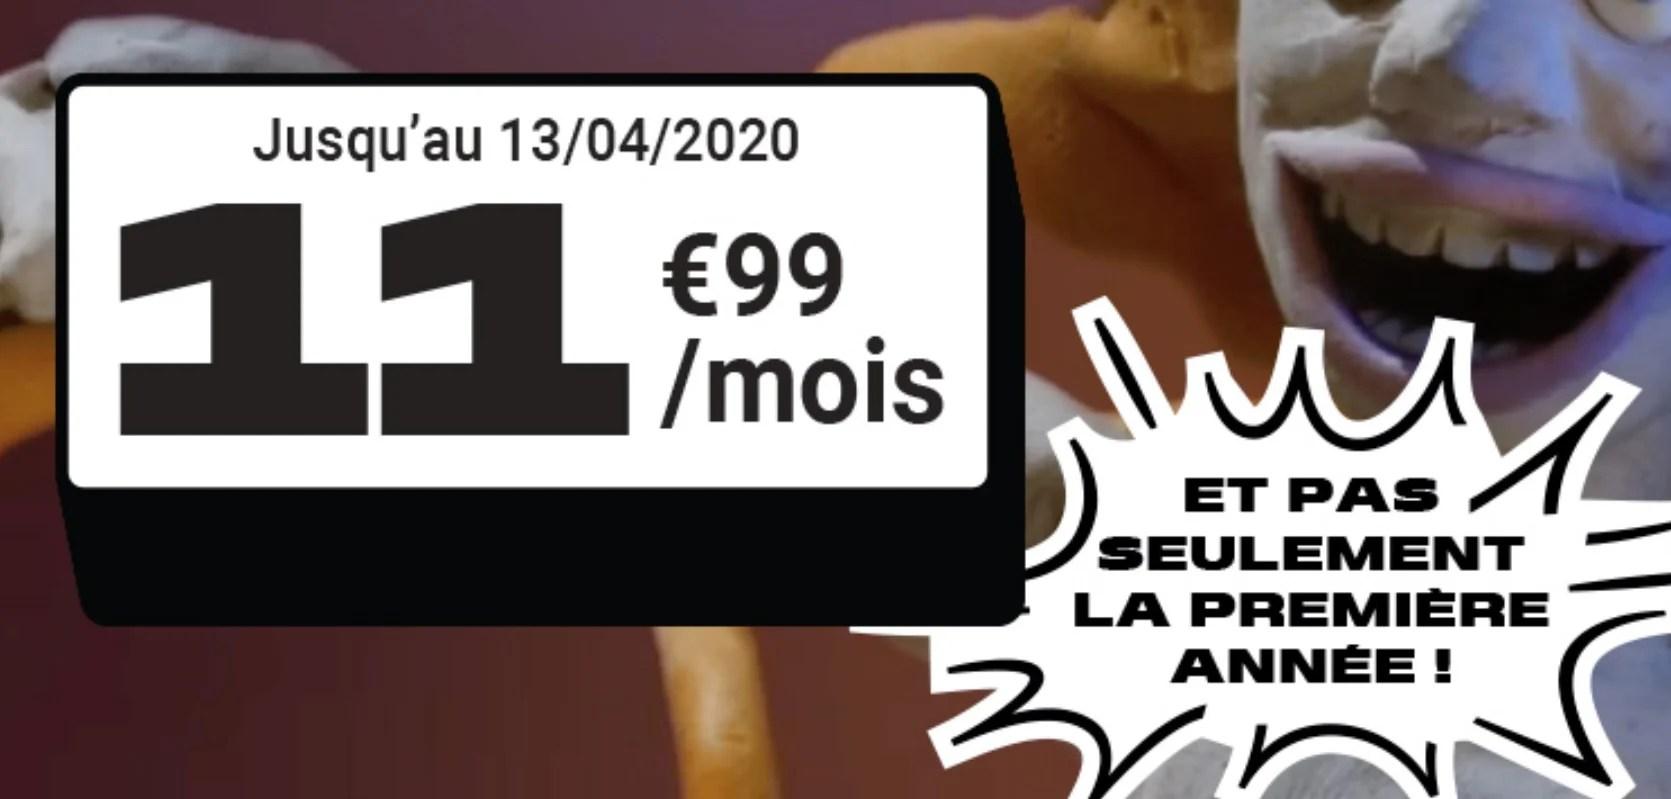 Voici l'un des meilleurs forfaits 4G : 50 Go à 11,99 euros, même après un an